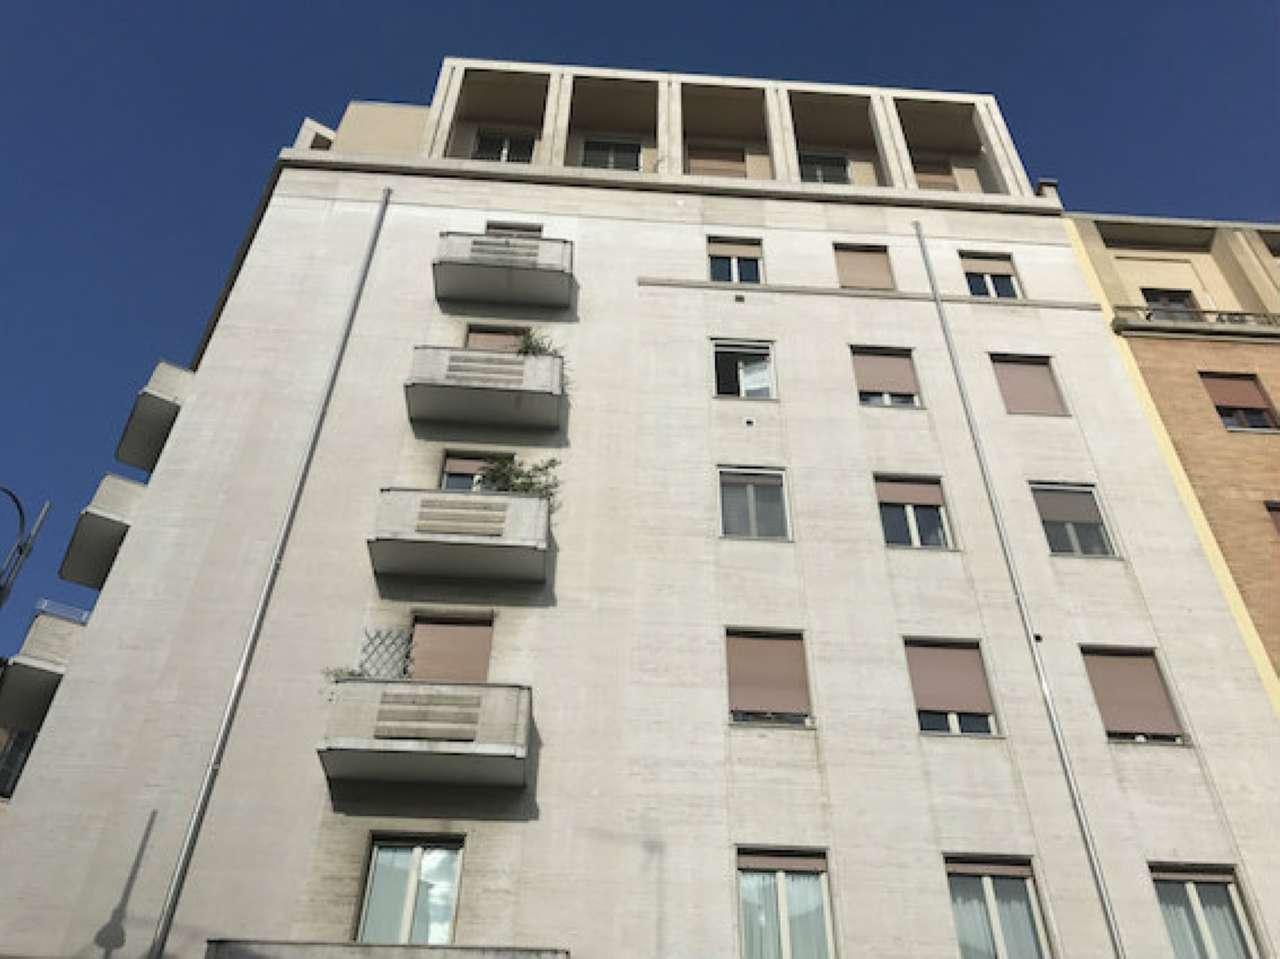 Appartamento in affitto a Milano, 4 locali, zona Zona: 8 . Bocconi, C.so Italia, Ticinese, Bligny, prezzo € 2.600   Cambio Casa.it